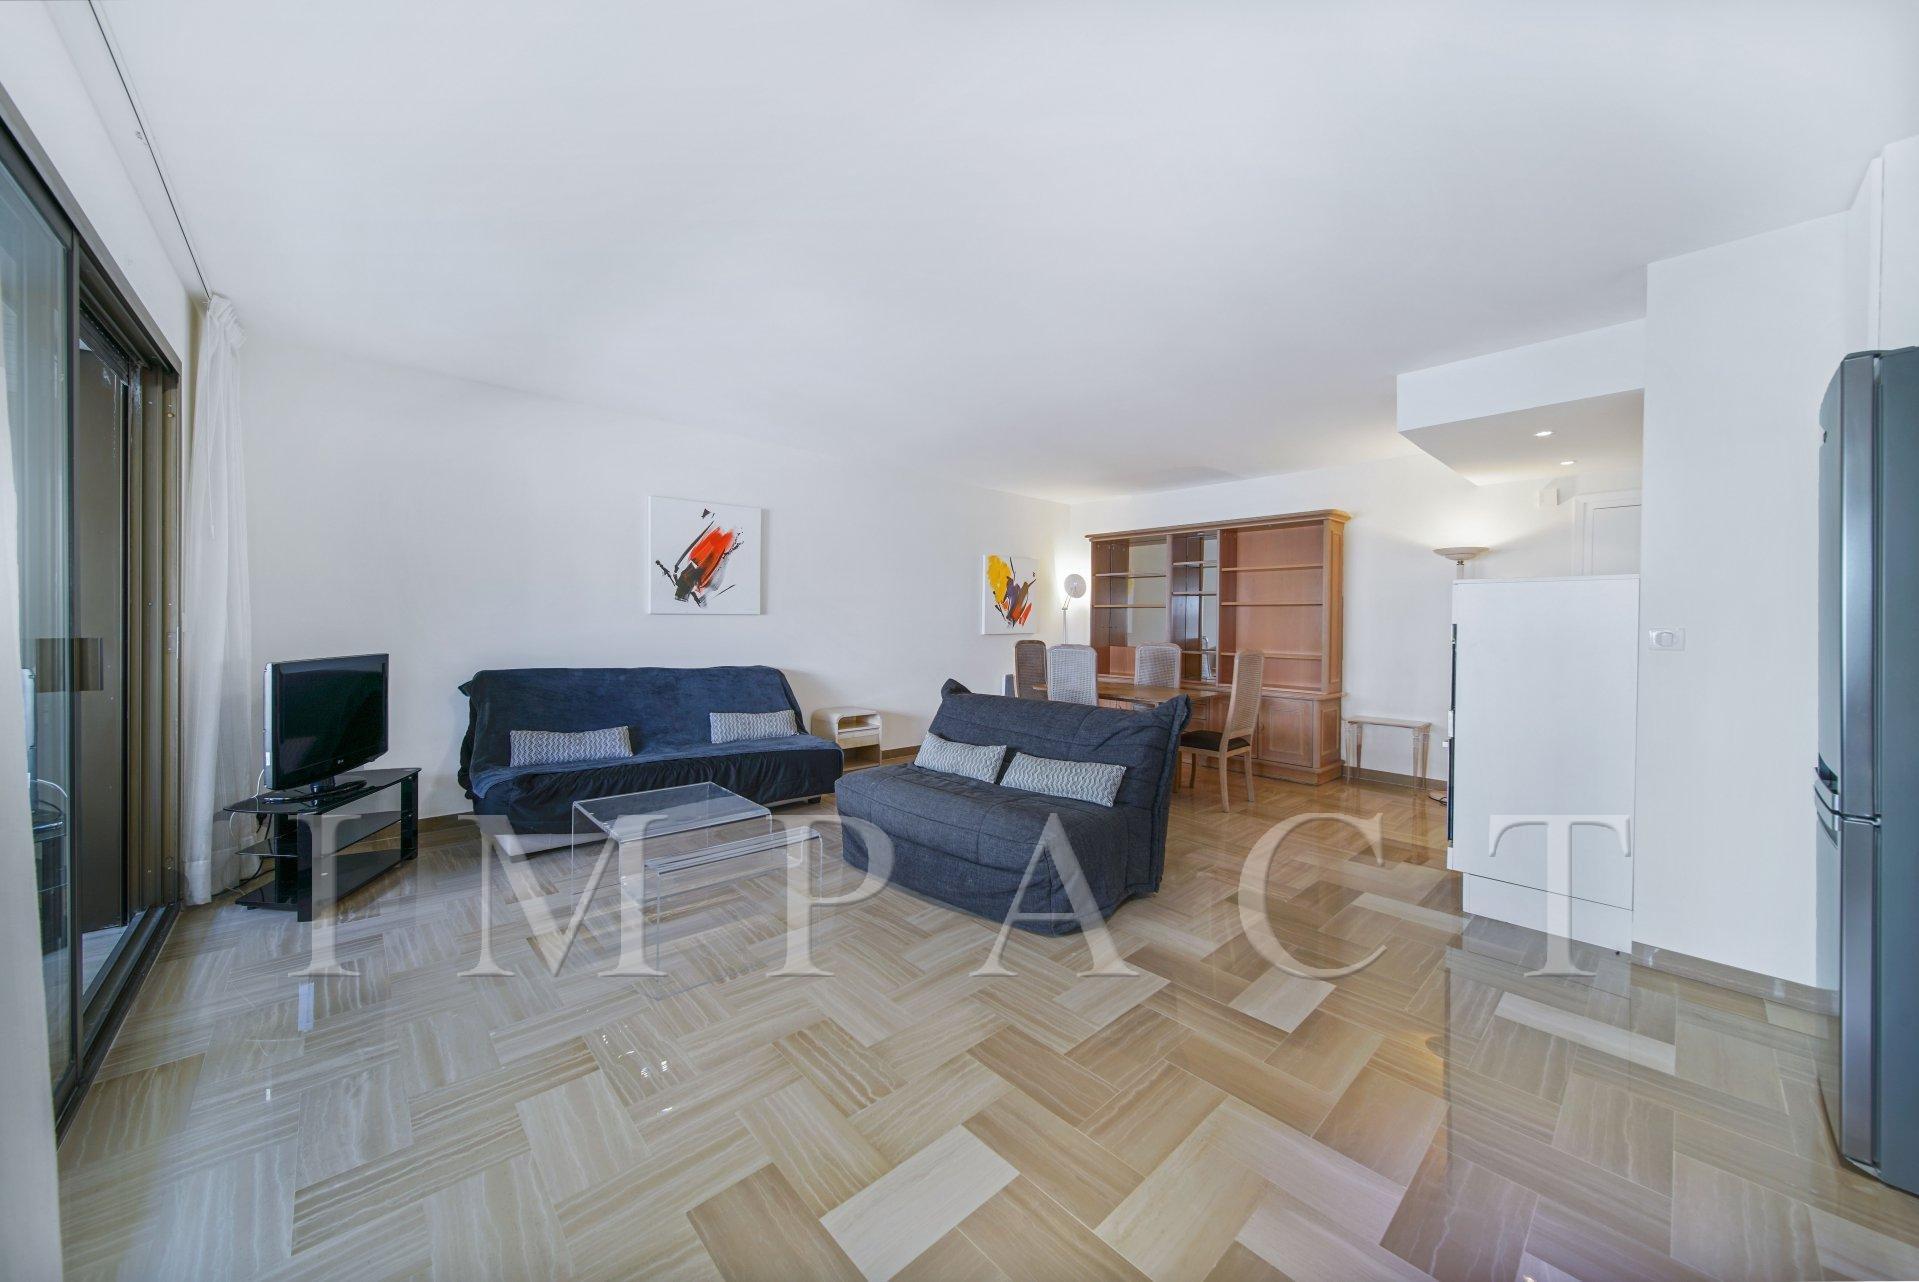 Appartement Location saisonnière Cannes Centre